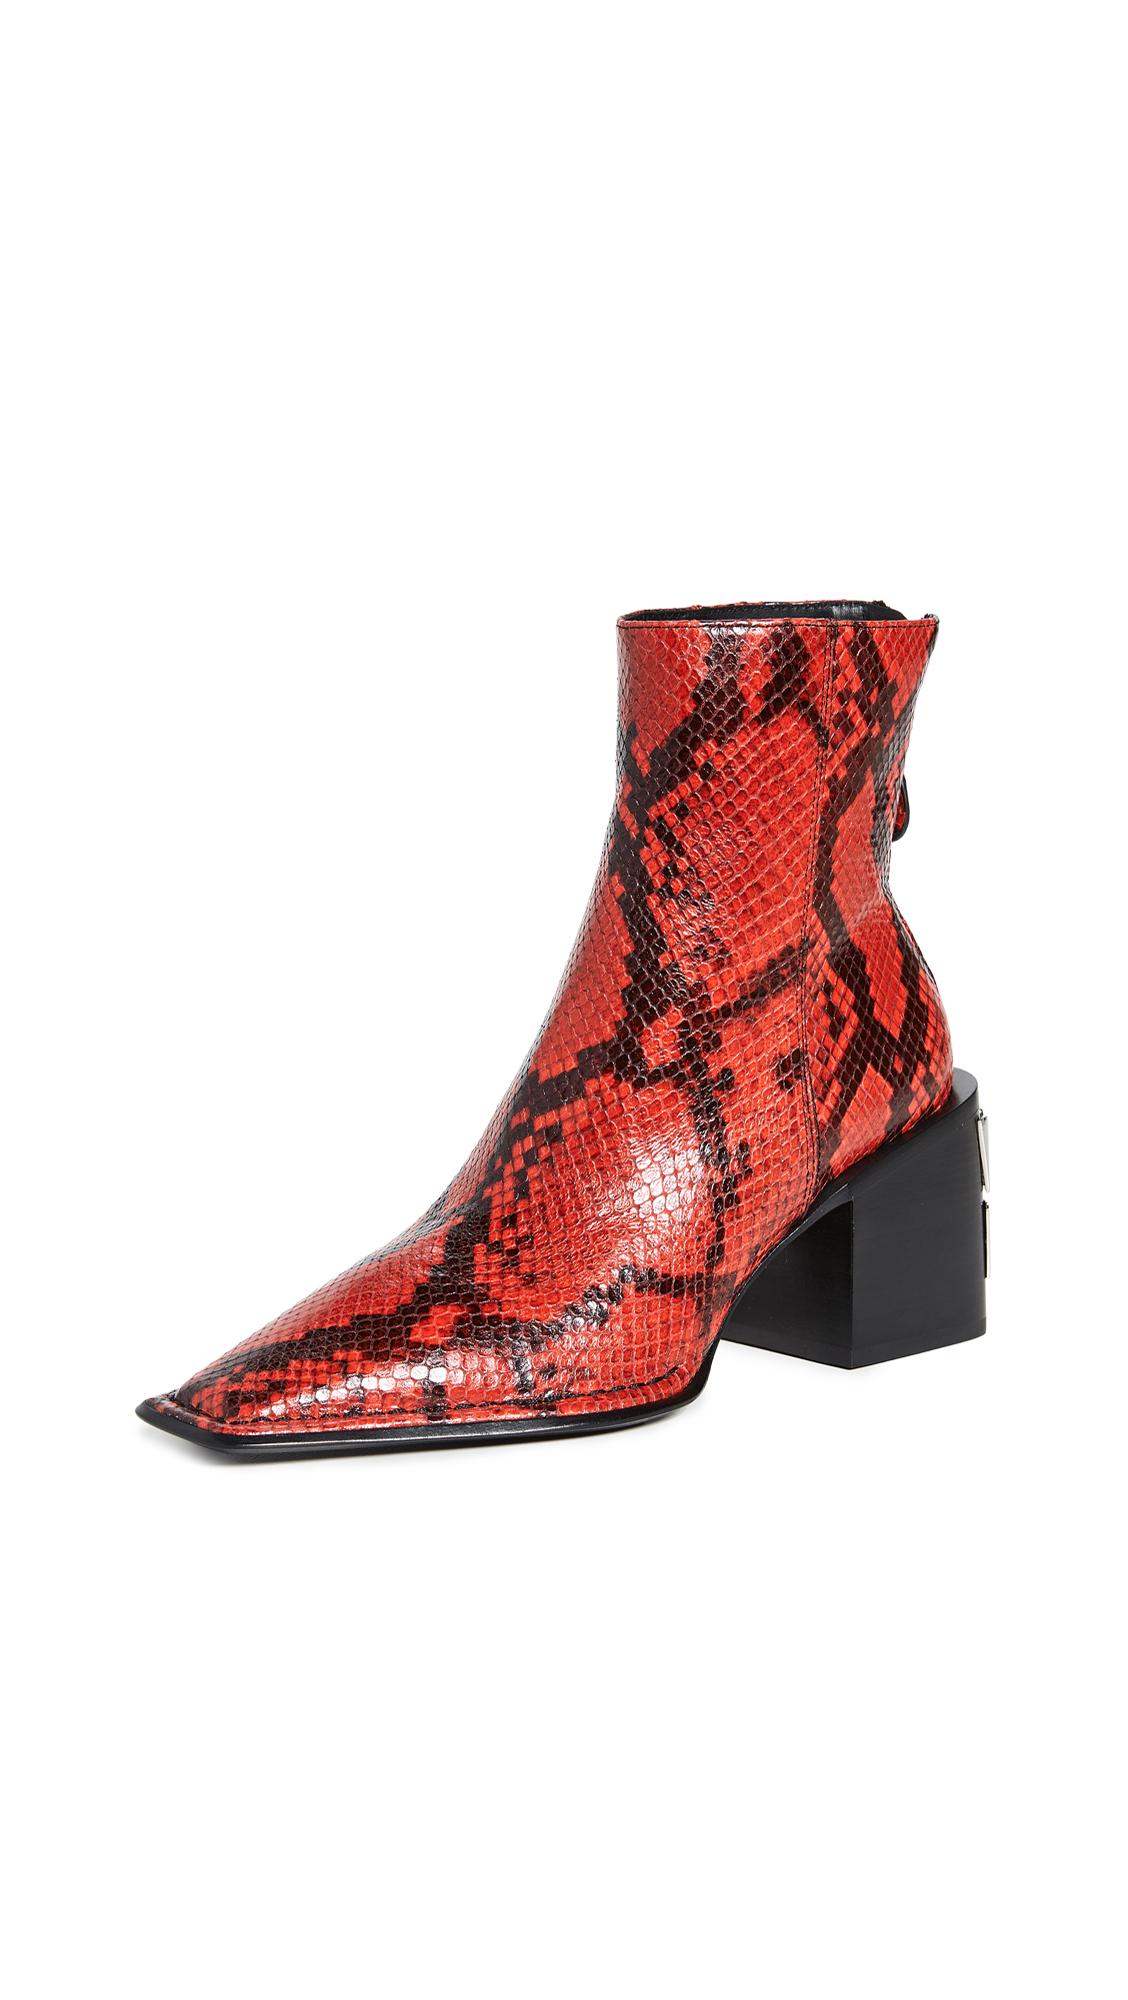 Alexander Wang Parker Boots - Red Snake